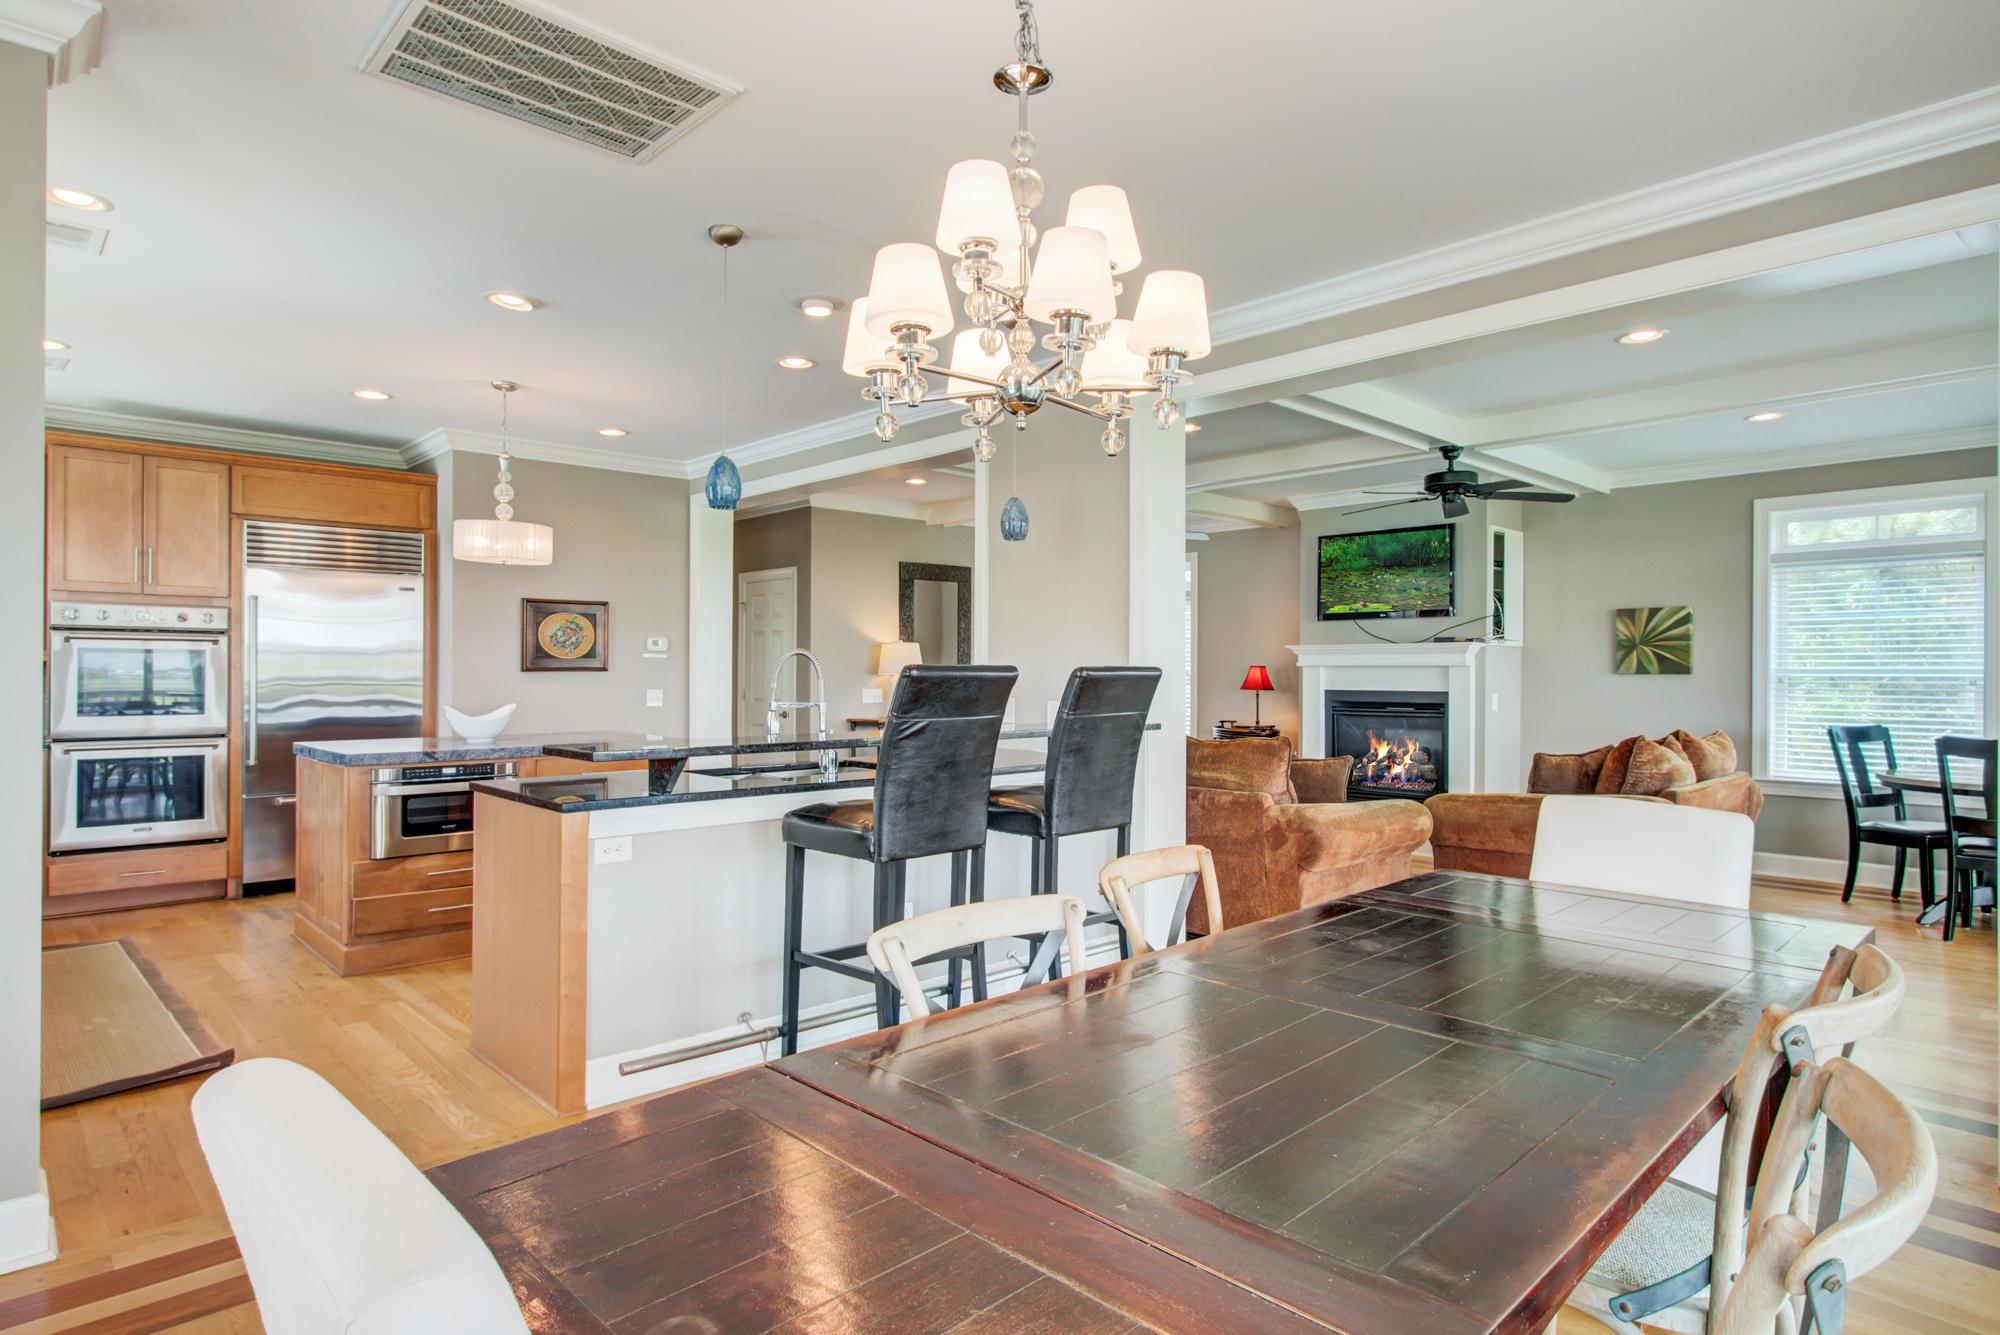 Folly Beach Homes For Sale - 616 Erie, Folly Beach, SC - 46